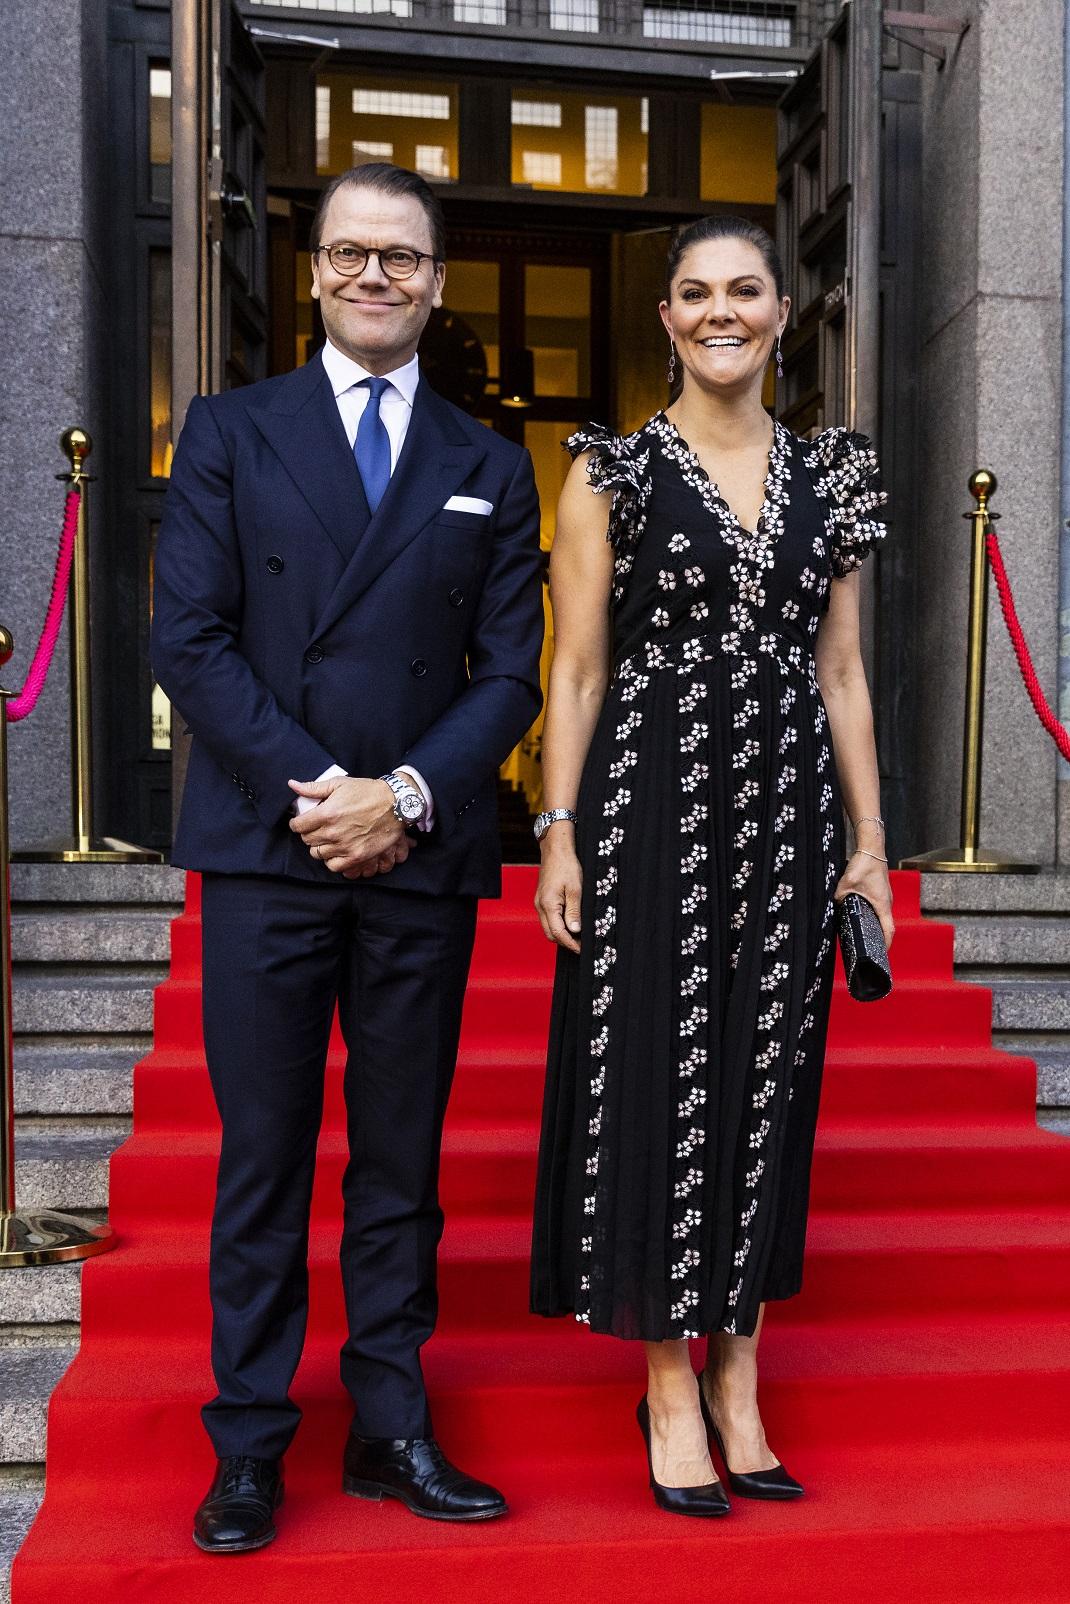 Η πριγκίπισσα Βικτόρια της Σουηδίας και ο πρίγκιπας Ντάνιελ